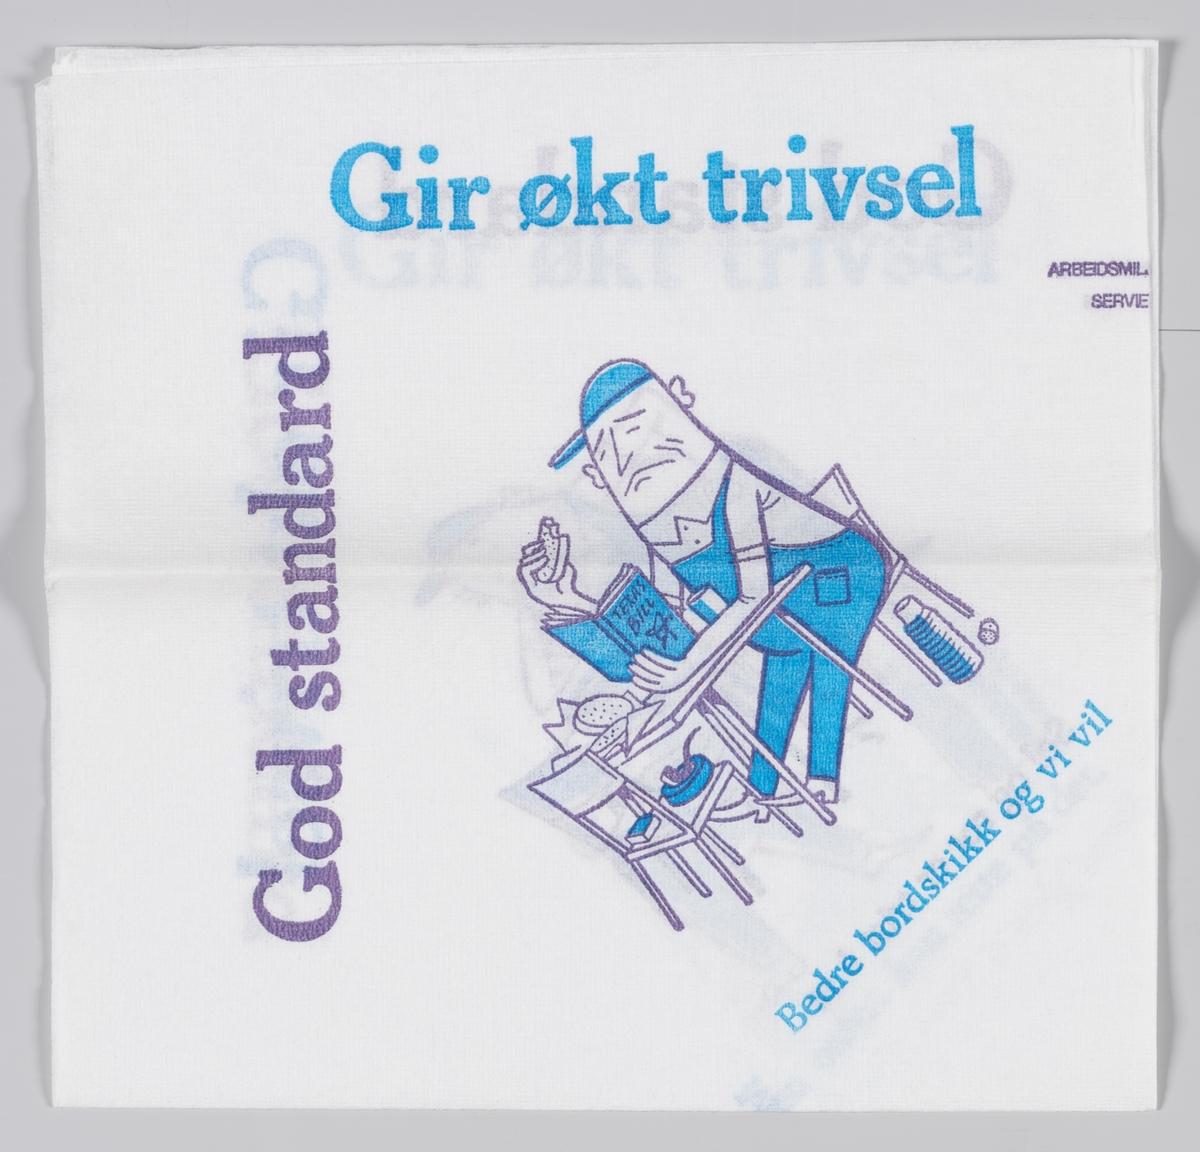 En mann i arbeidsklær som sitter ved et bord, vasker hender, rydder et bord og kaster søppel i søppelbøtten og en reklametekst for Arbeidsmiljøsenteret.  Arbeidsmiljøsenteret er en norsk organisasjon opprettet i 1936, under navnet Vern og Velferd. Organisasjonen er en ideell medlemsorganisasjon som skal fremme et best mulig arbeidsmiljø i norske virksomheter. Hovedkontoret ligger i Oslo, men Arbeidsmiljøsenteret har også kontorer i Bergen og Trondheim